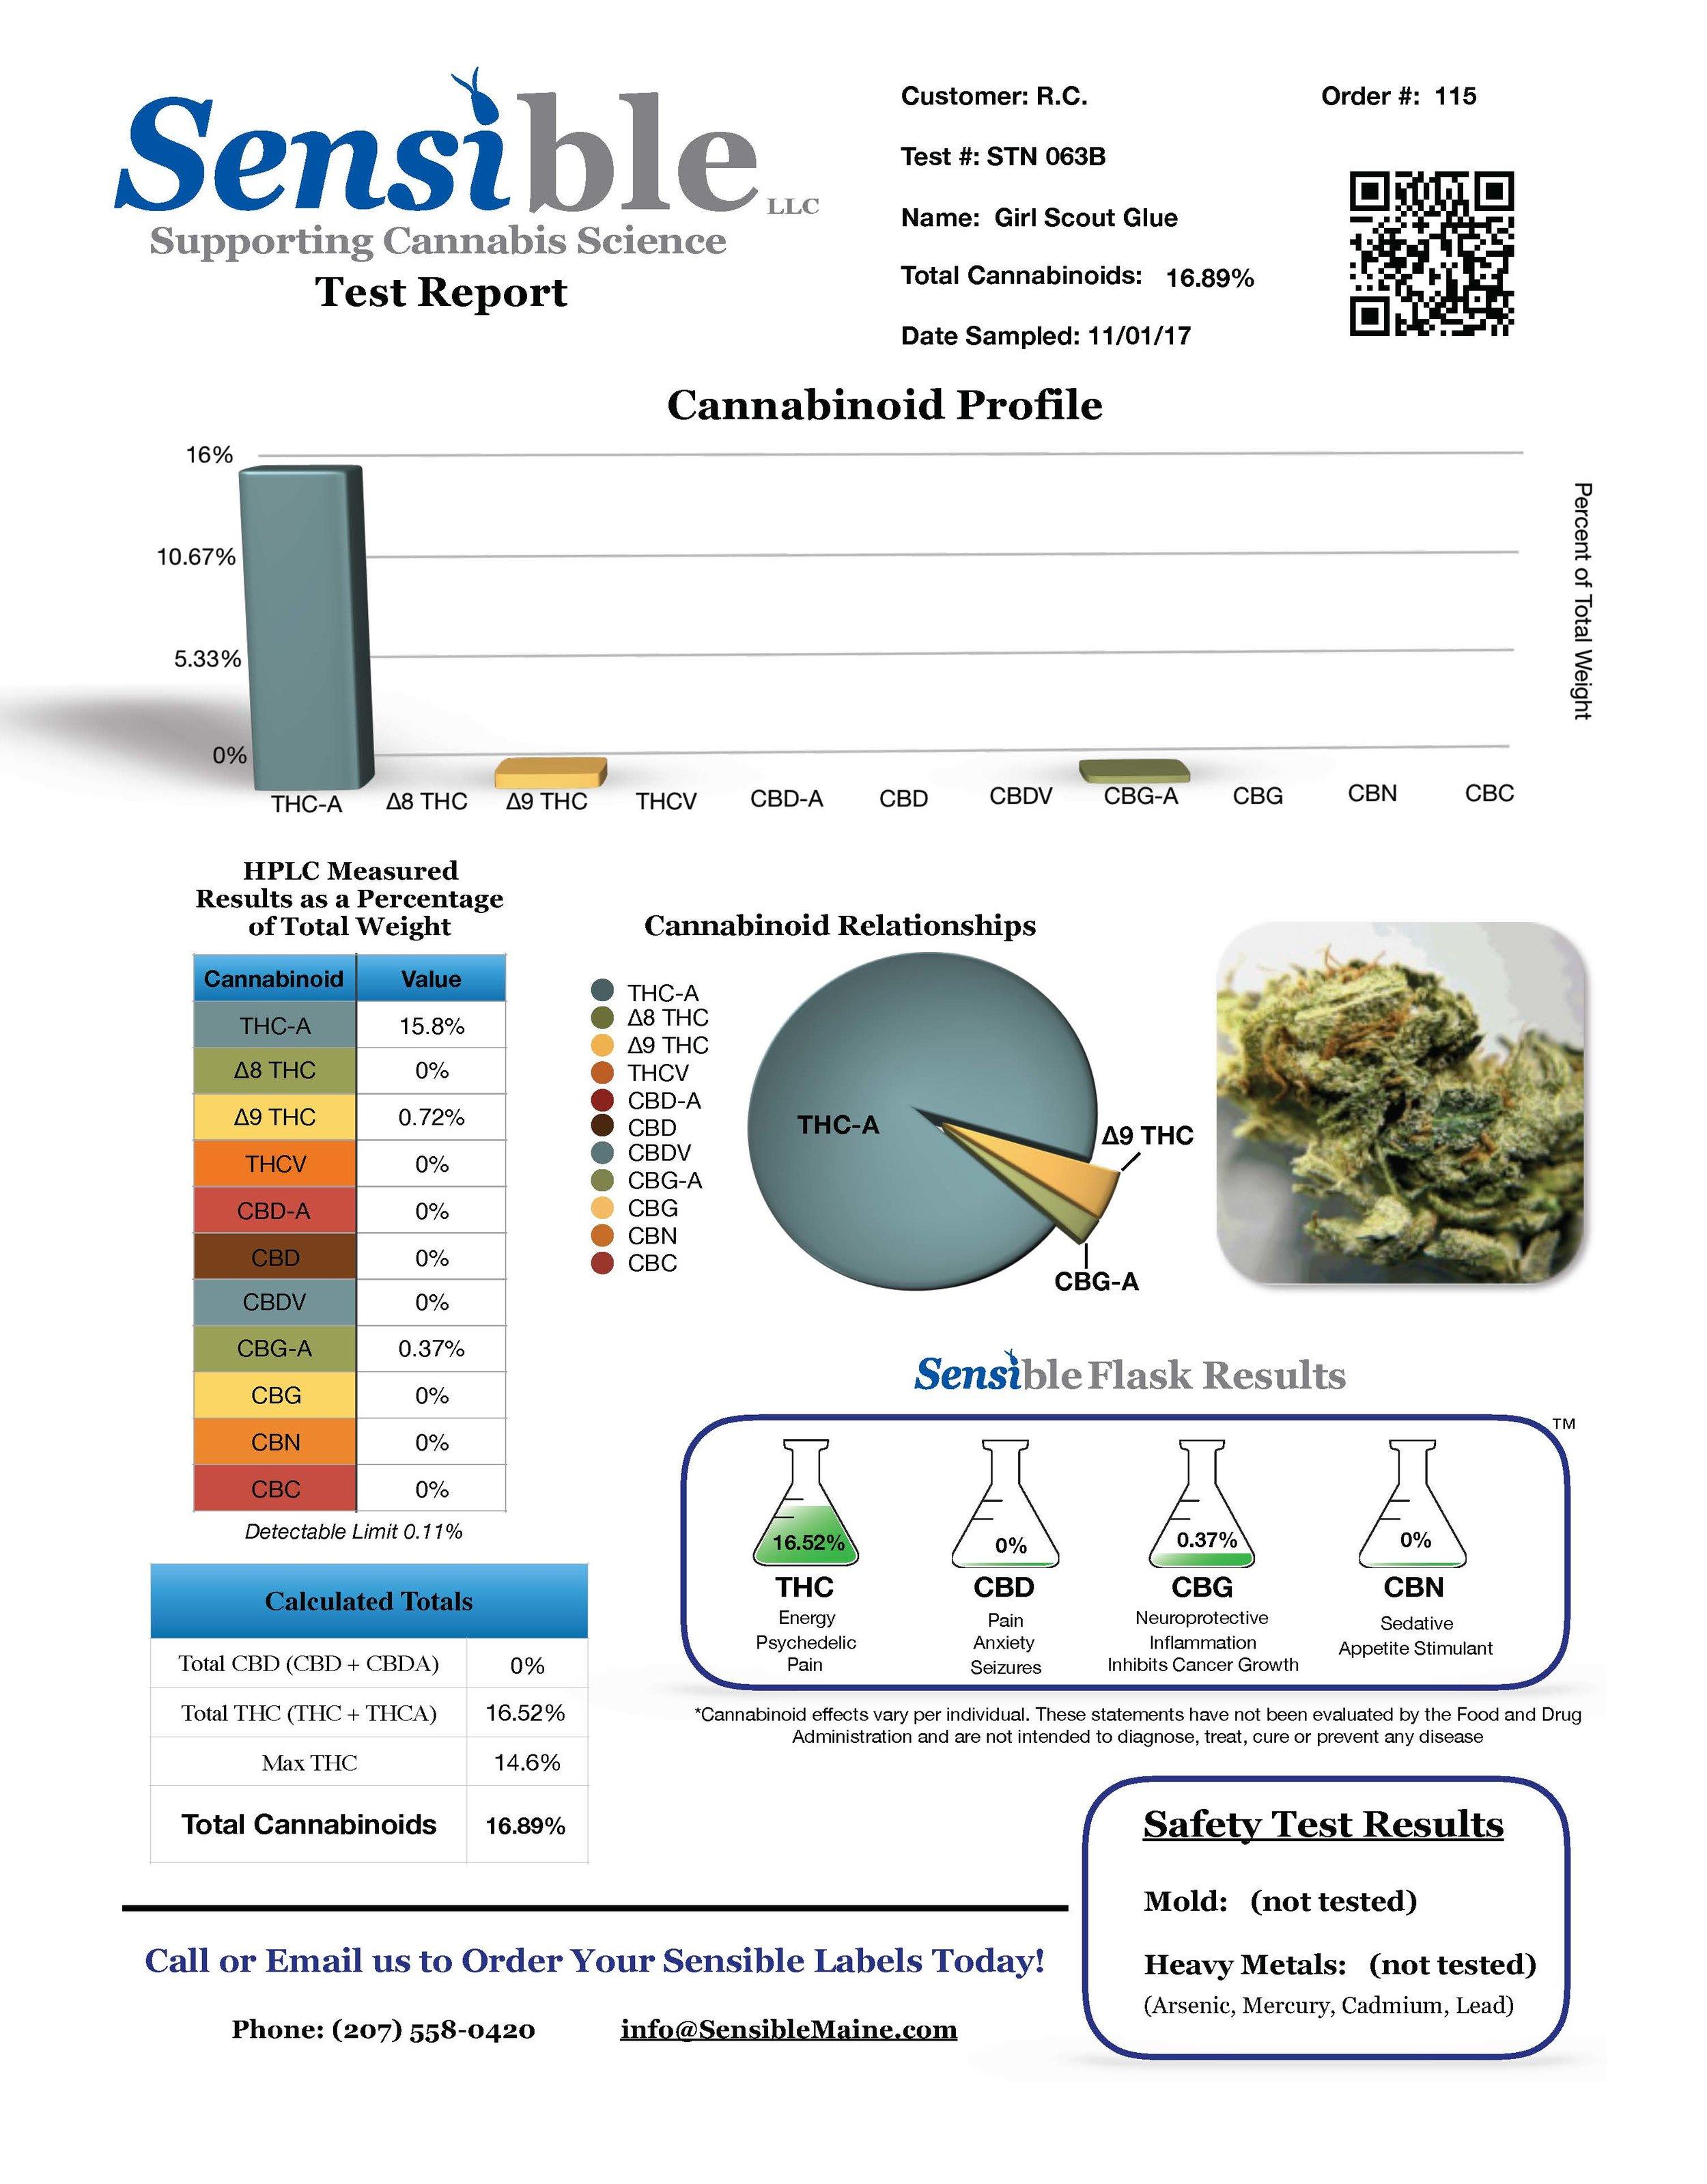 Test Results stn063B.jpg